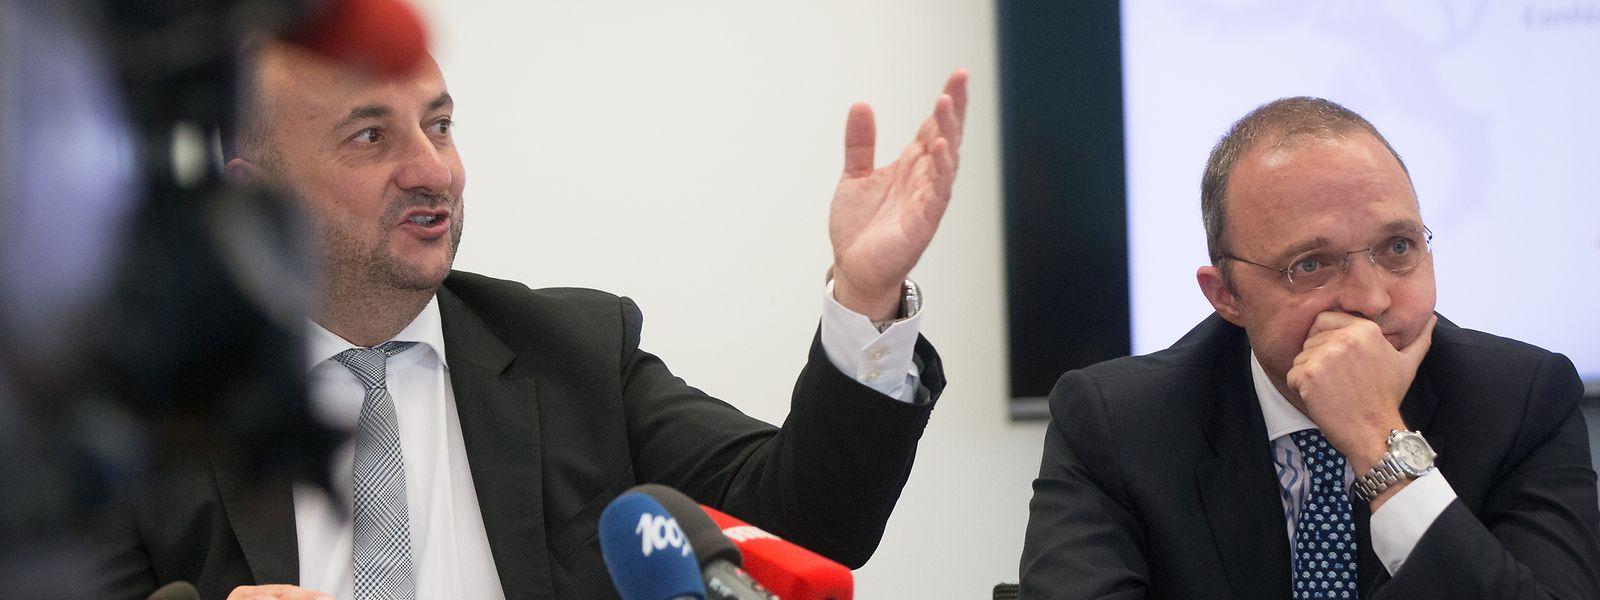 Présenté en grande pompe en juillet 2016 par Etienne Schneider (LSAP), alors ministre de l'Economie, l'implantation d'une usine de yaourt du groupe Fage ne se fera finalement pas. L'annonce officielle ayant été faite en septembre 2020.